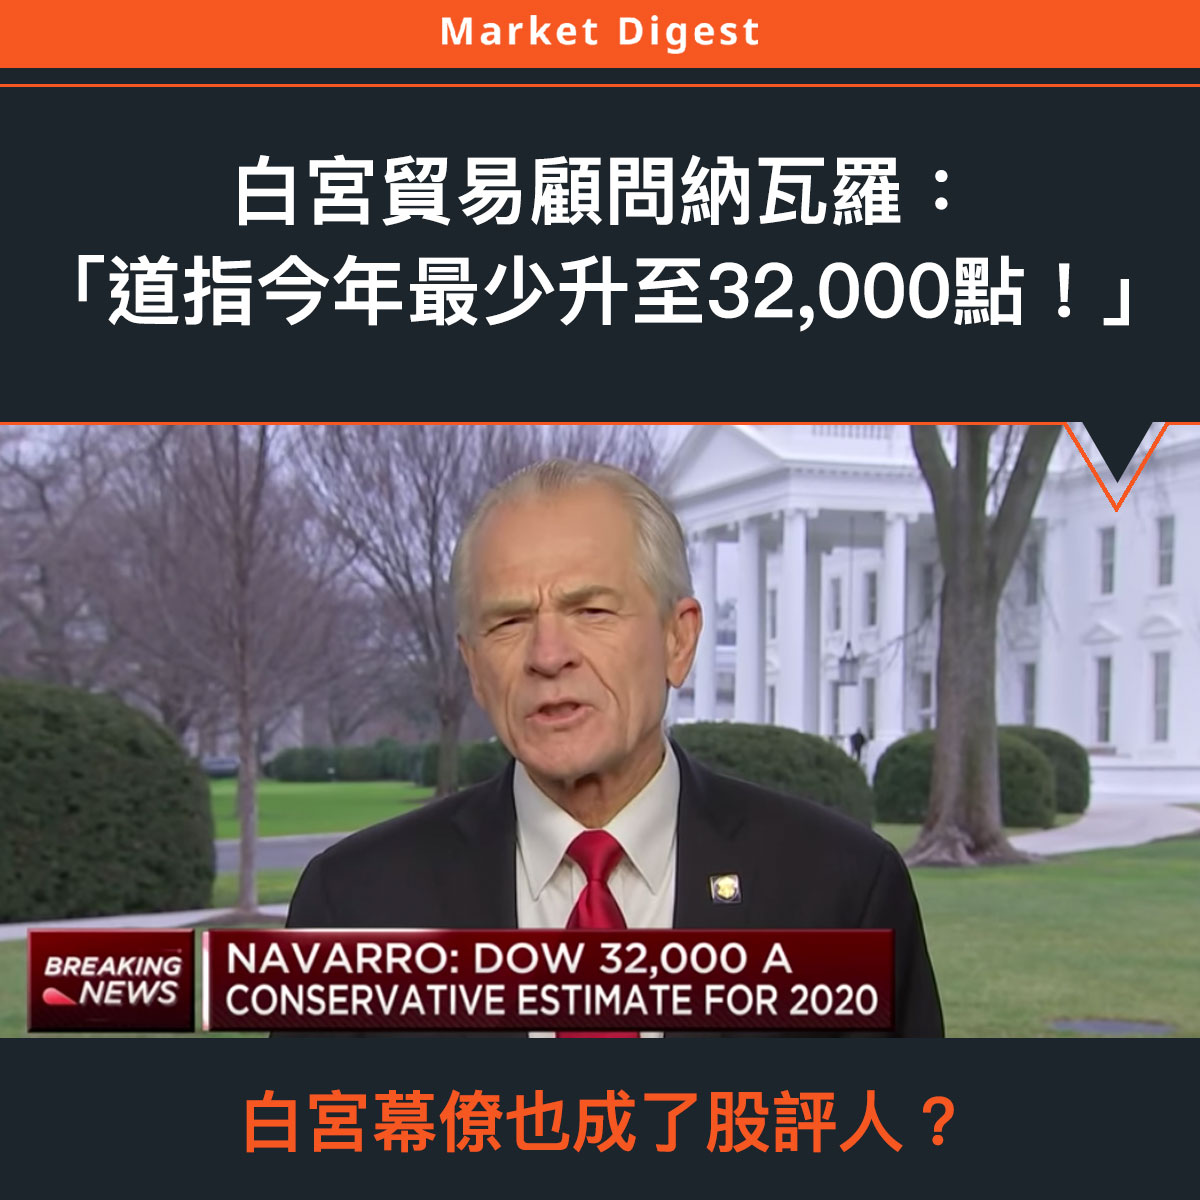 【市場熱話】白宮貿易顧問納瓦羅:「道指今年最少升至32,000點!」